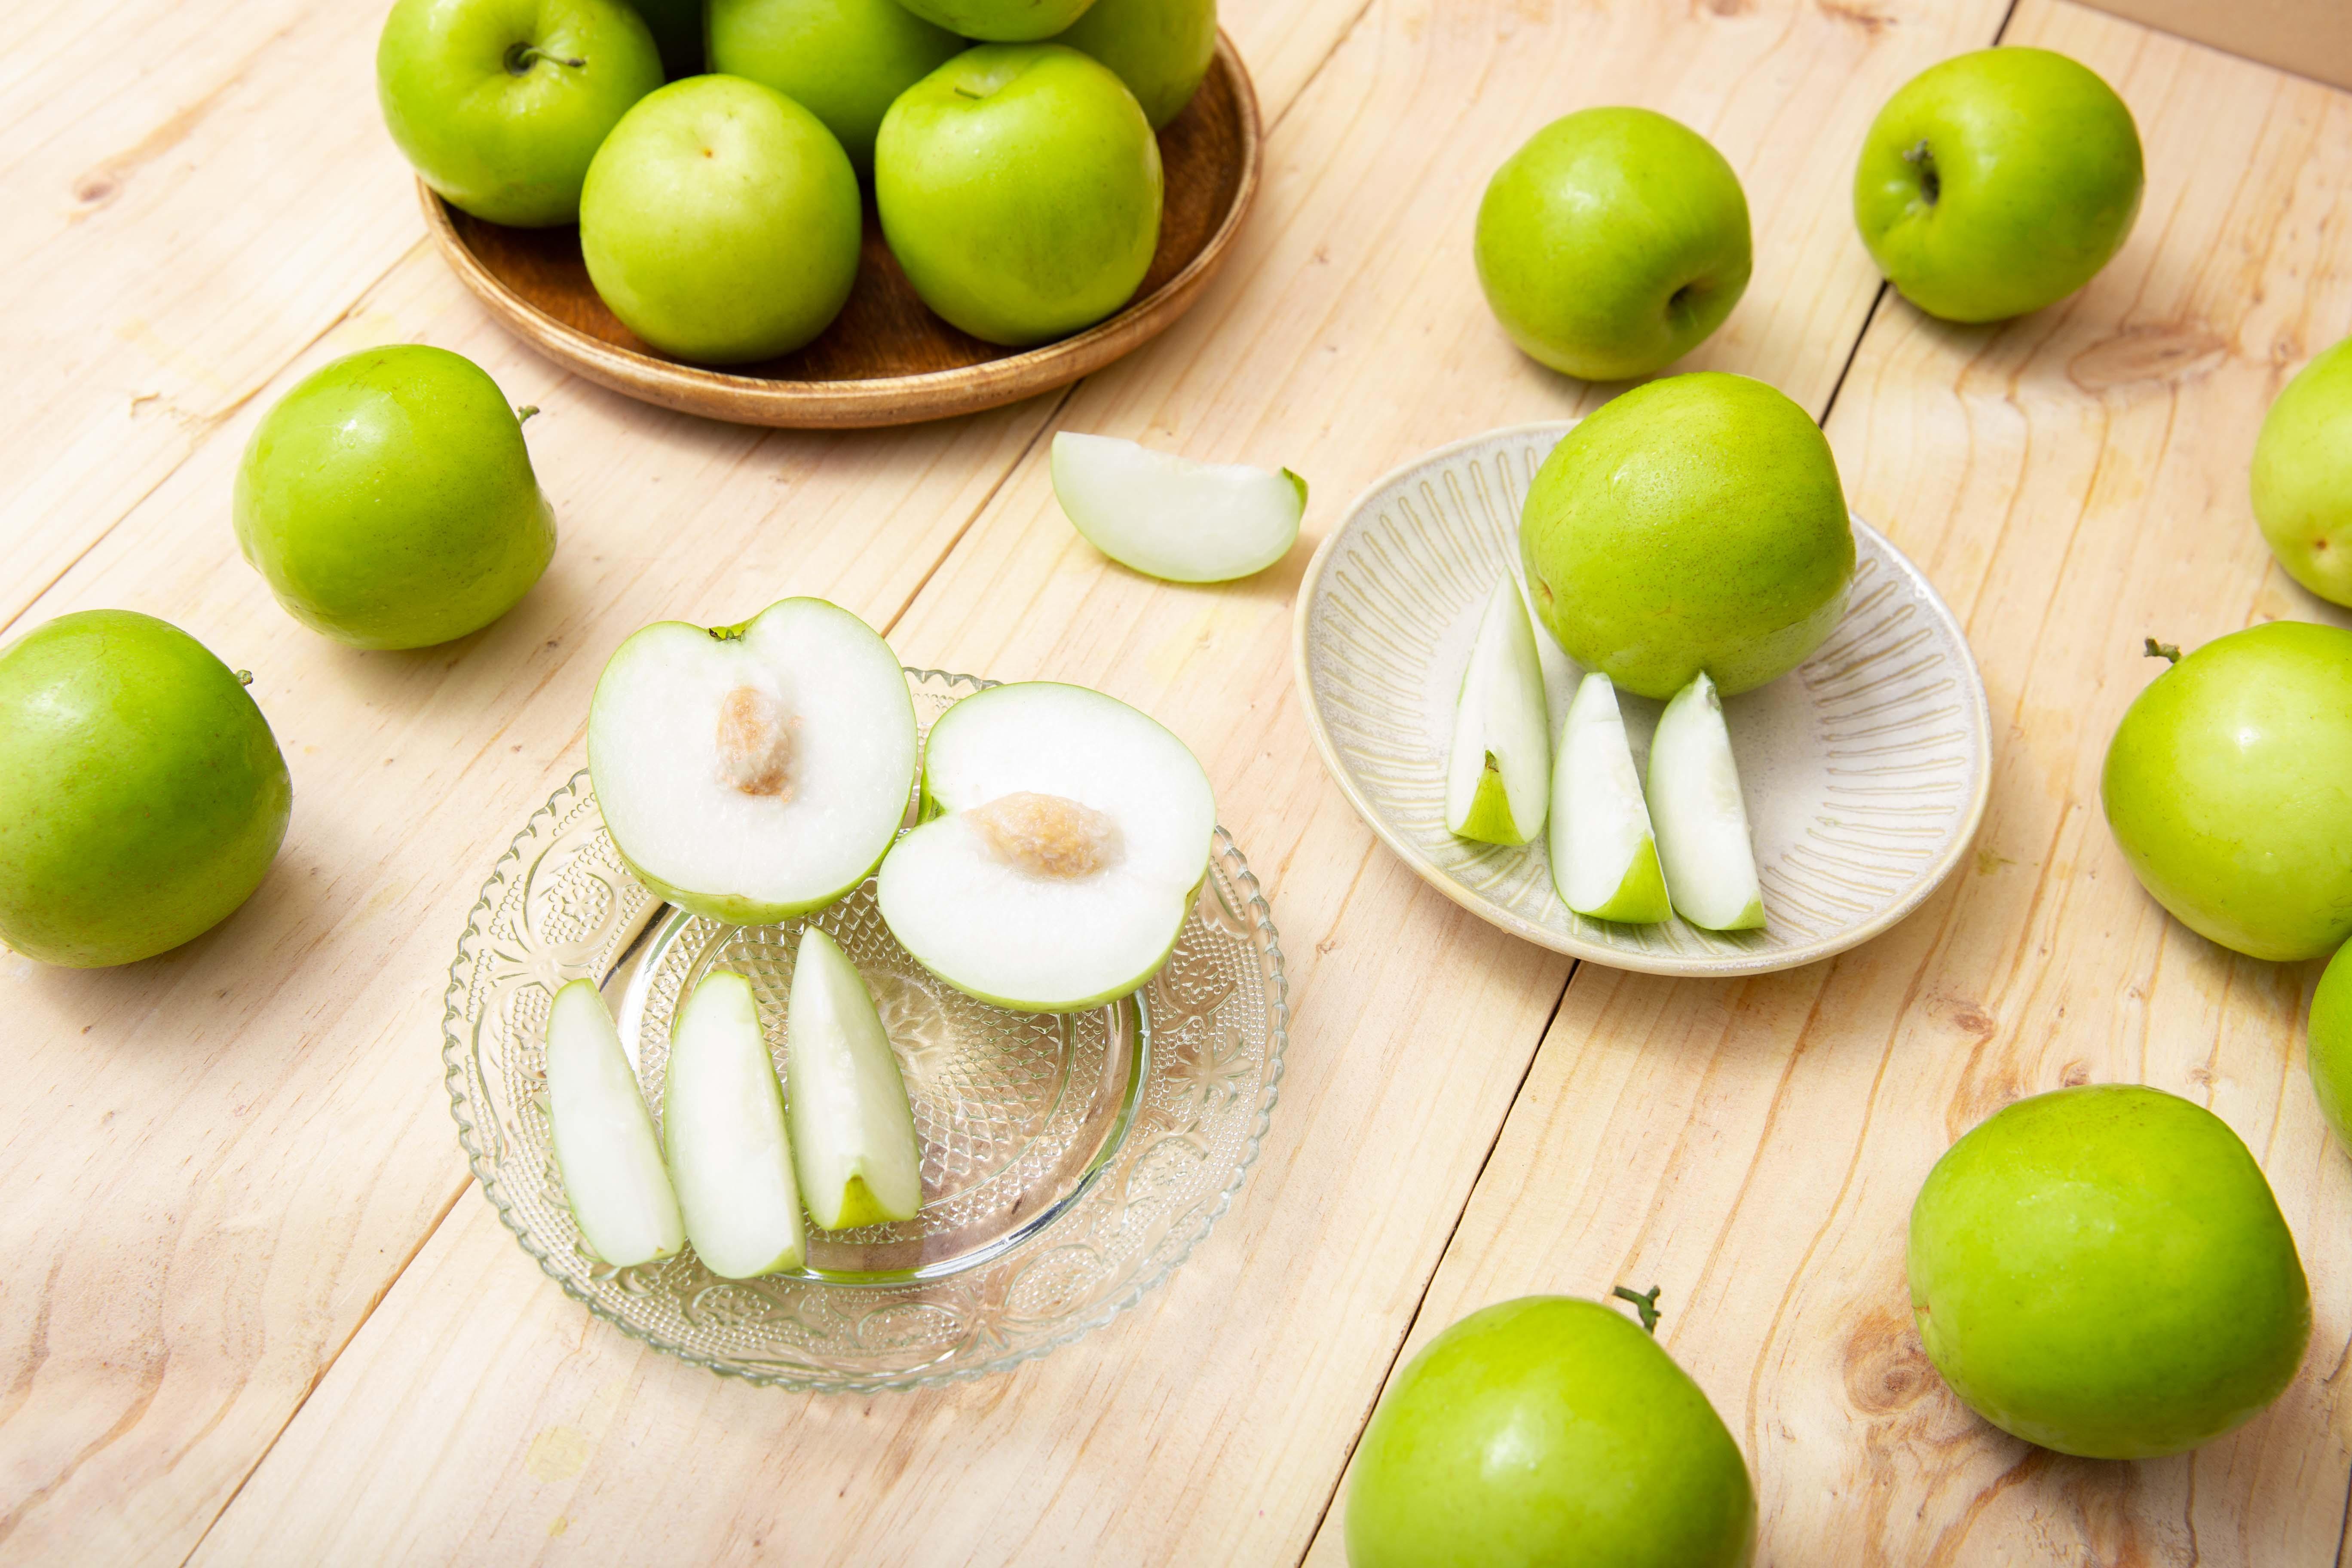 ▲ 珍蜜蜜棗皮薄肉質細,有淡淡蔗香味,一吃難忘。